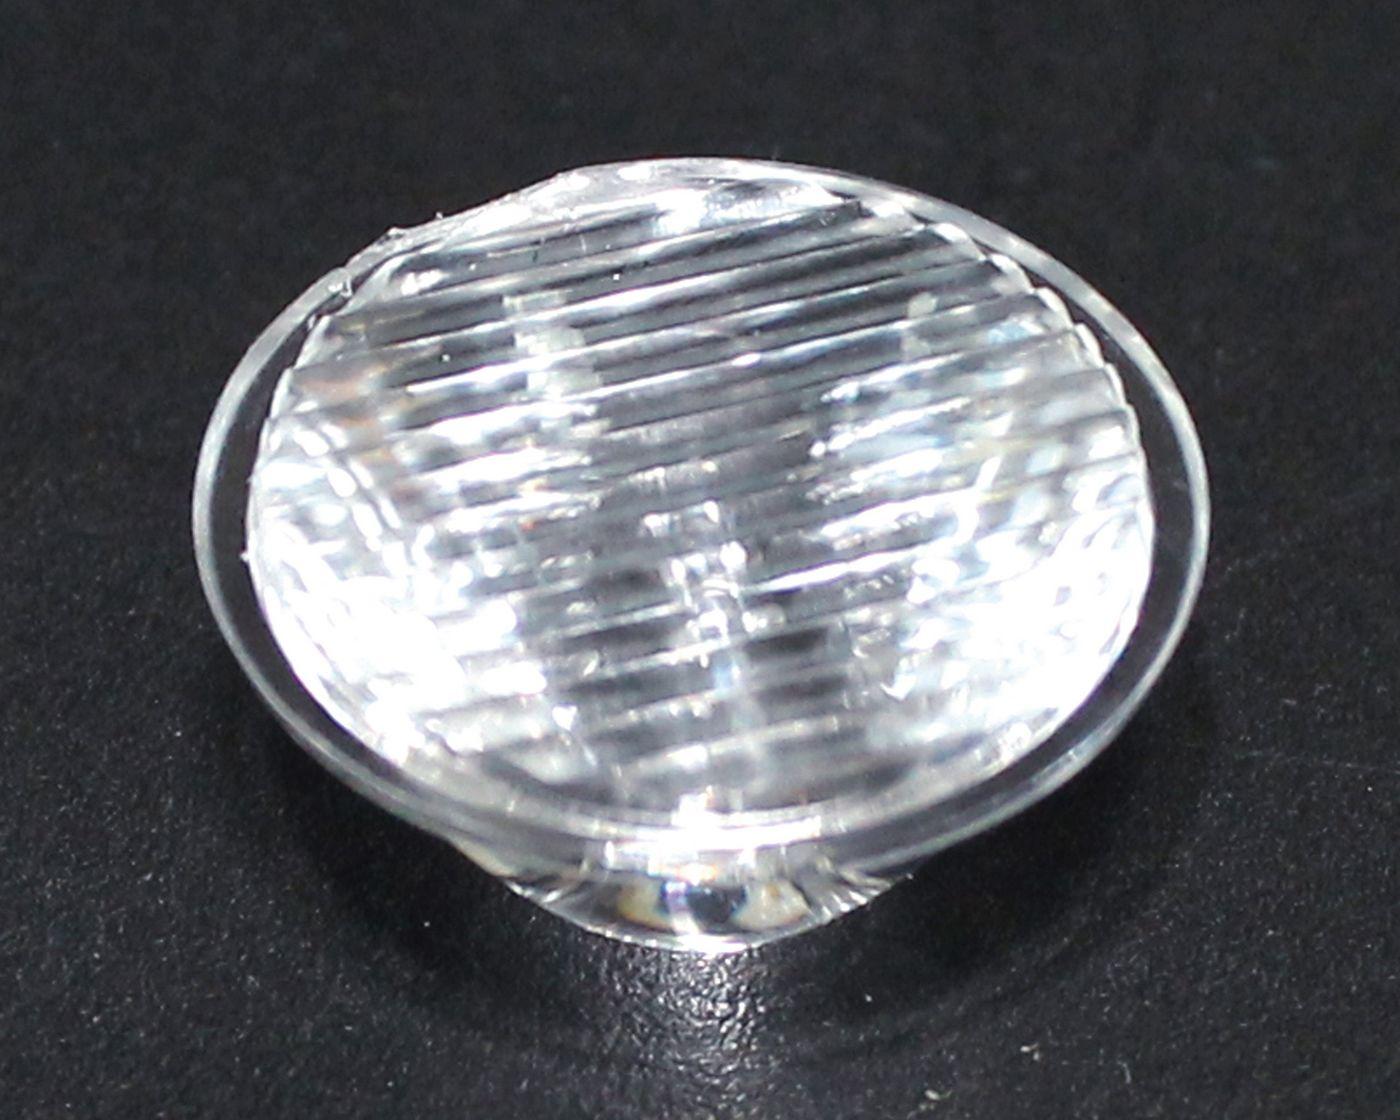 led透镜,大功率led透镜,20单粒条纹透镜,XJ20-30°条纹